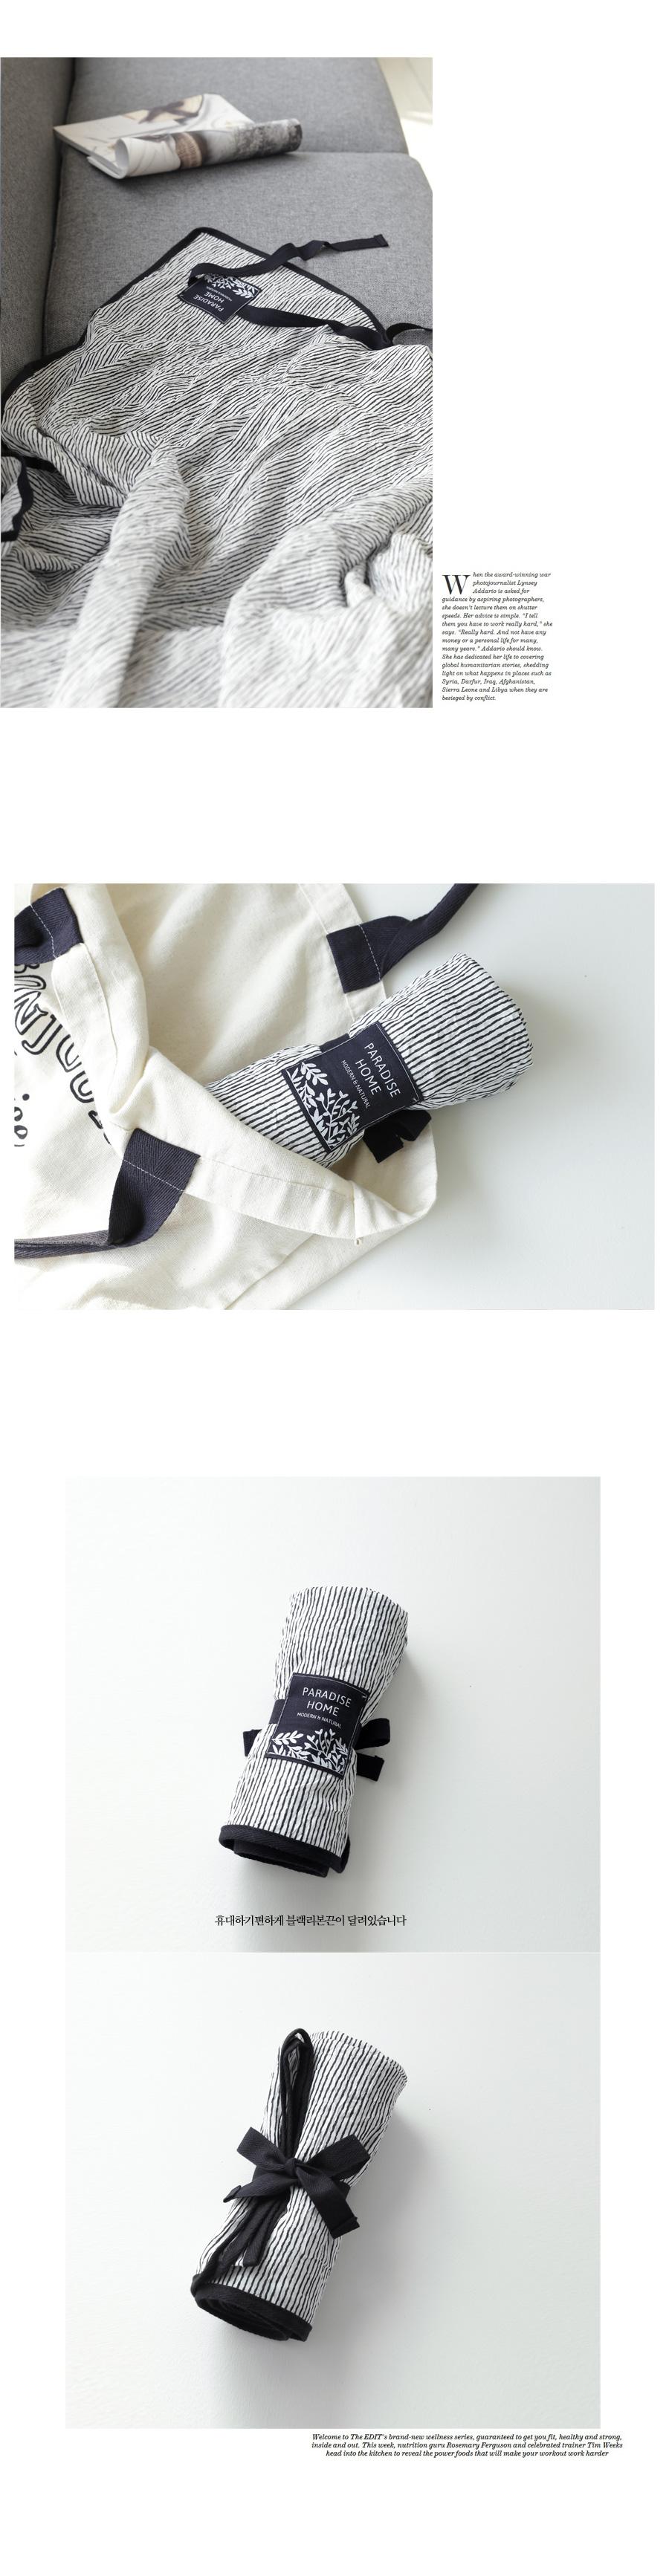 내추럴 크리즈 썸머 블랑켓 [블랙-110x70cm] - 파라다이스홈, 14,000원, 담요/블랑켓, 극세사 블랑켓